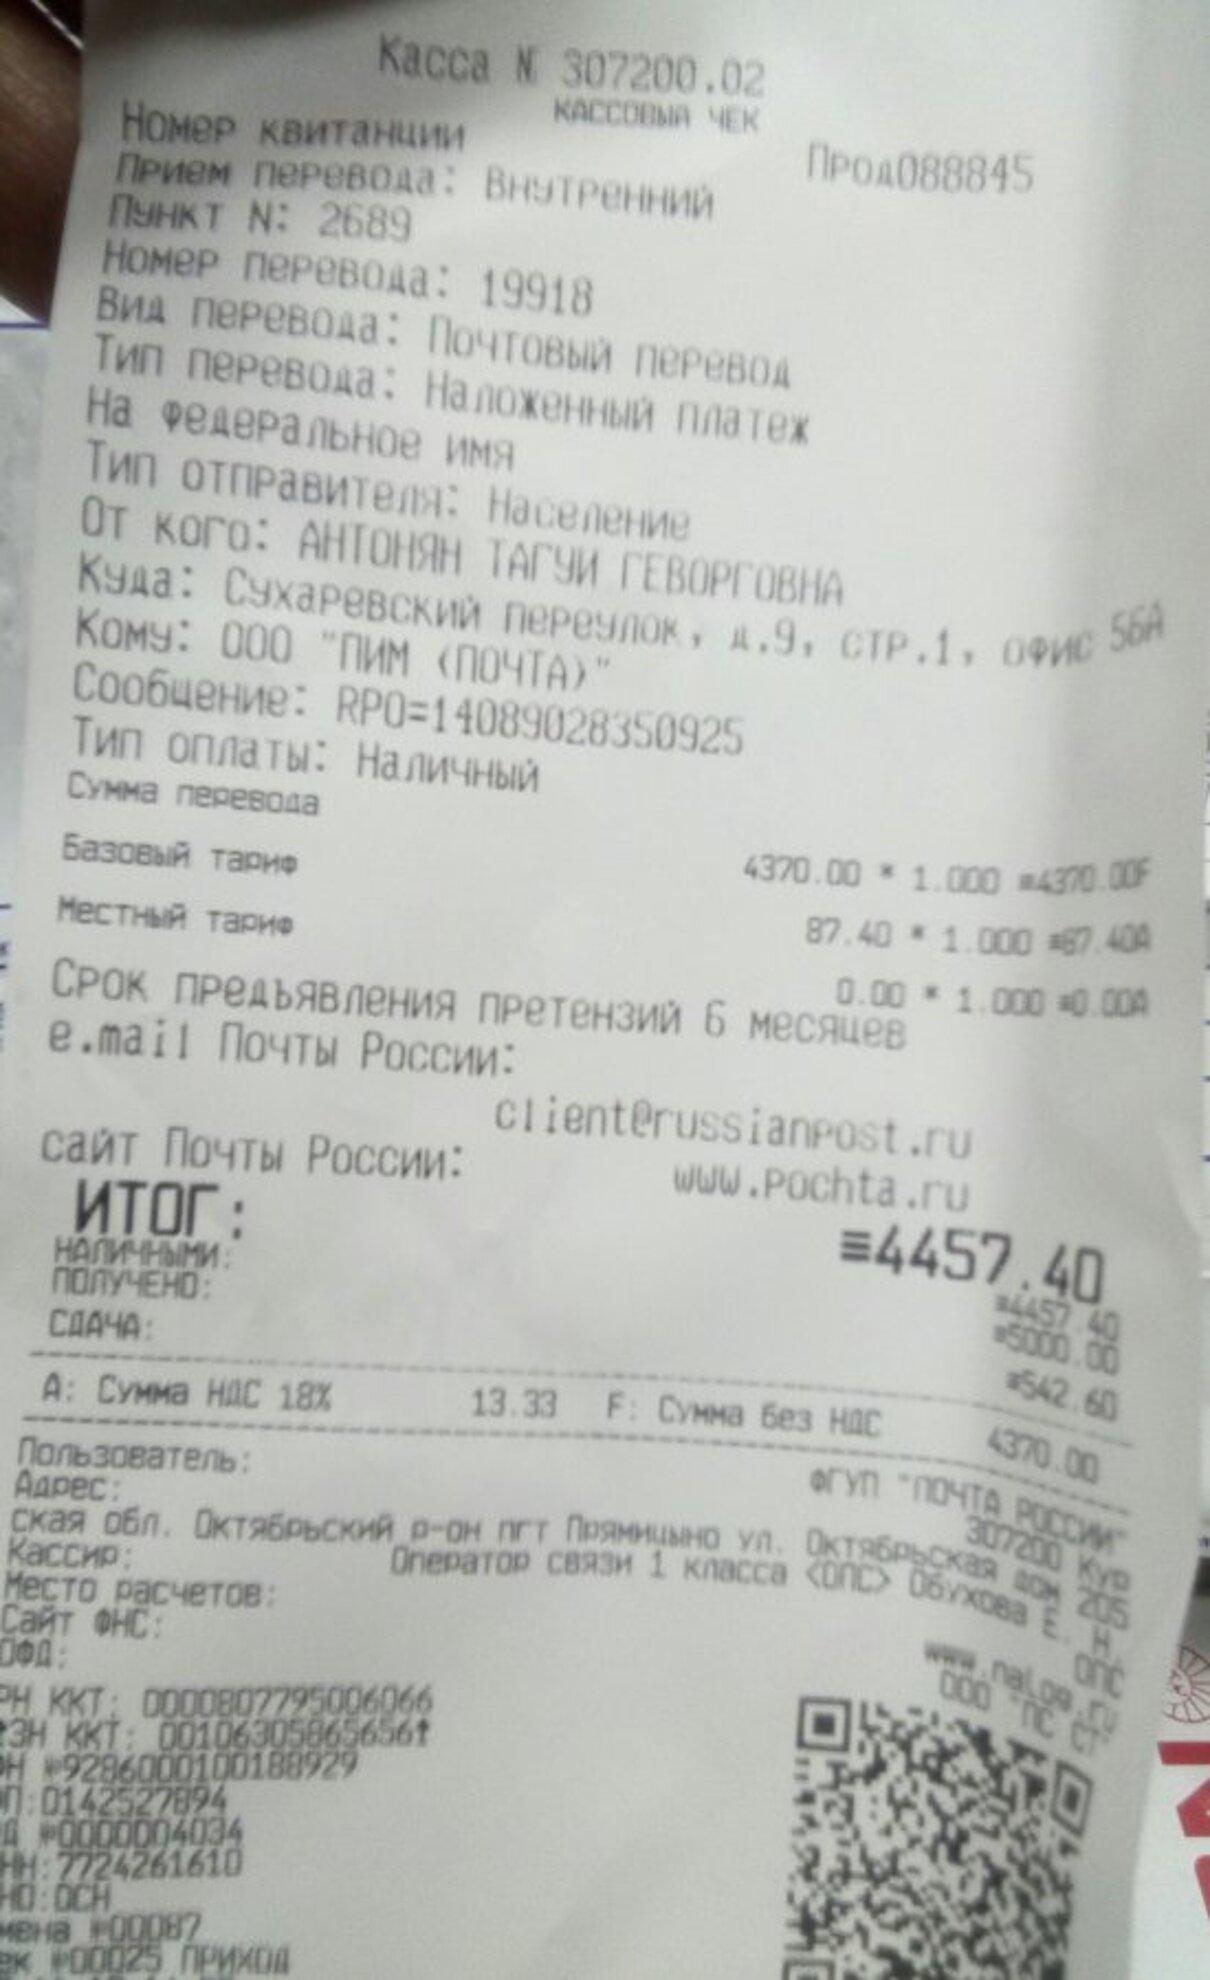 Жалоба-отзыв: ООО Контур а/я 223в Московском АСЦ индекс 145903 - Товар не соответствует действительности.  Фото №5